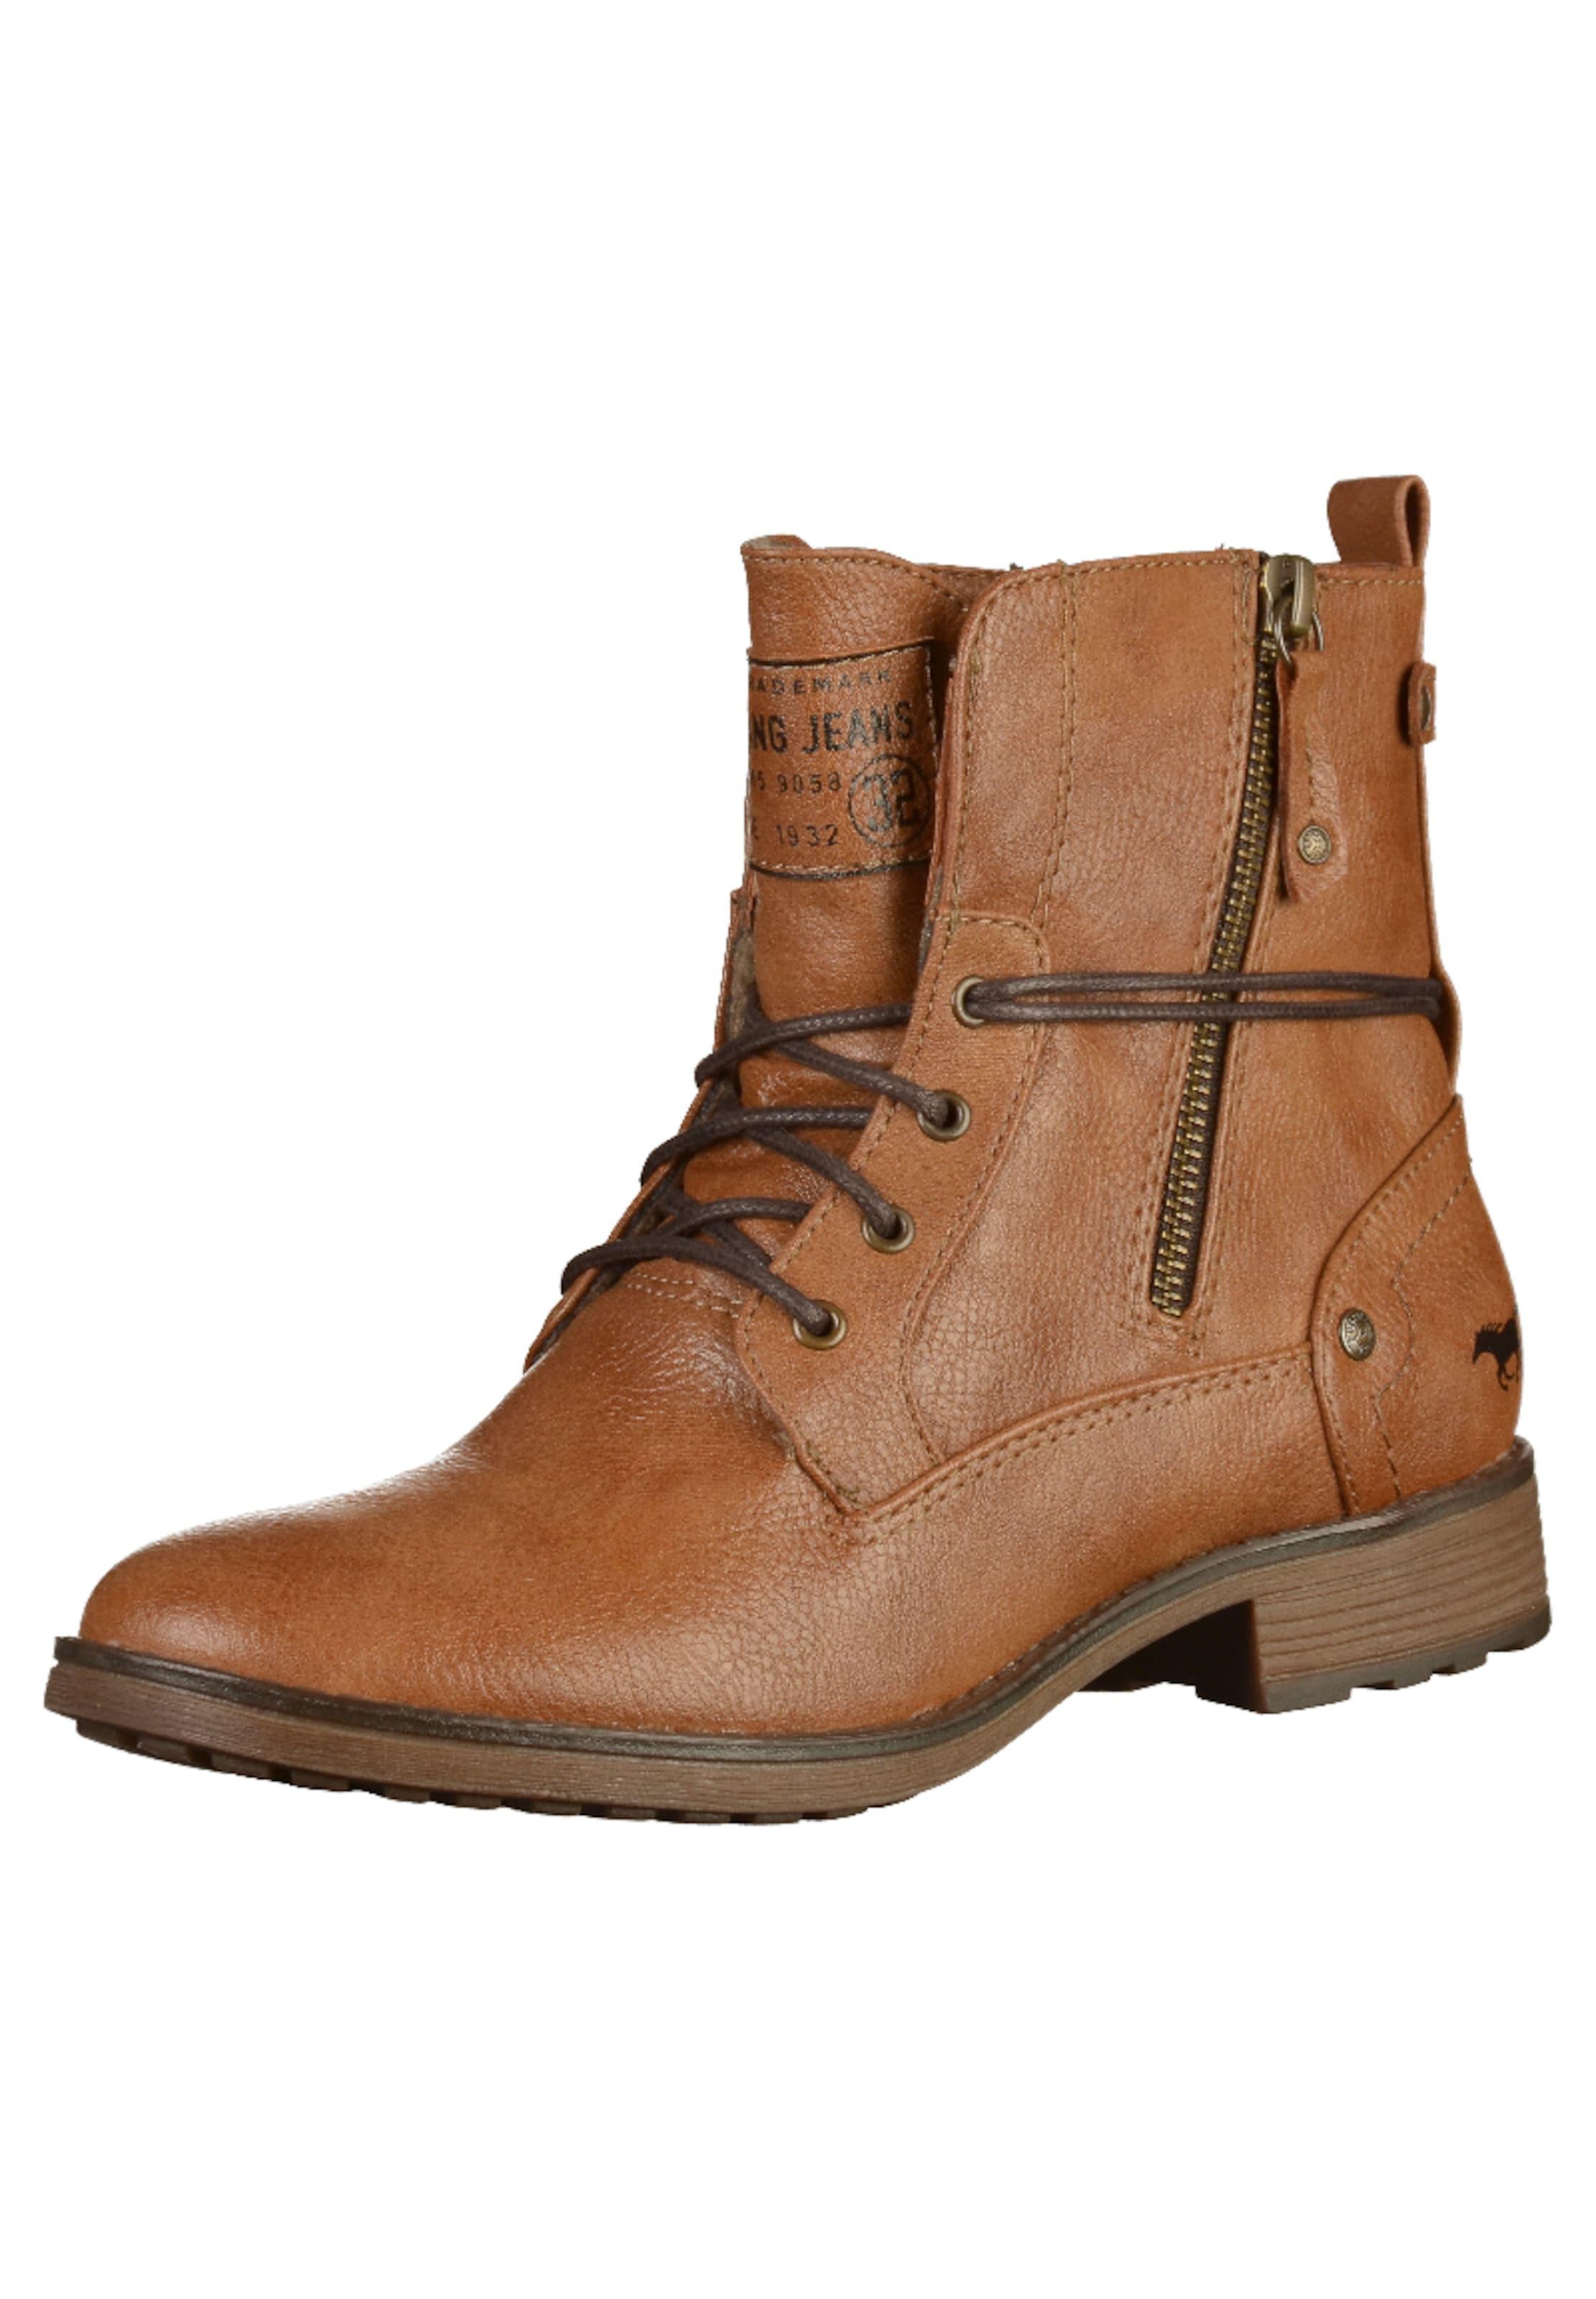 MUSTANG Schnürstiefeletten im Leder-Look Günstige und langlebige Schuhe